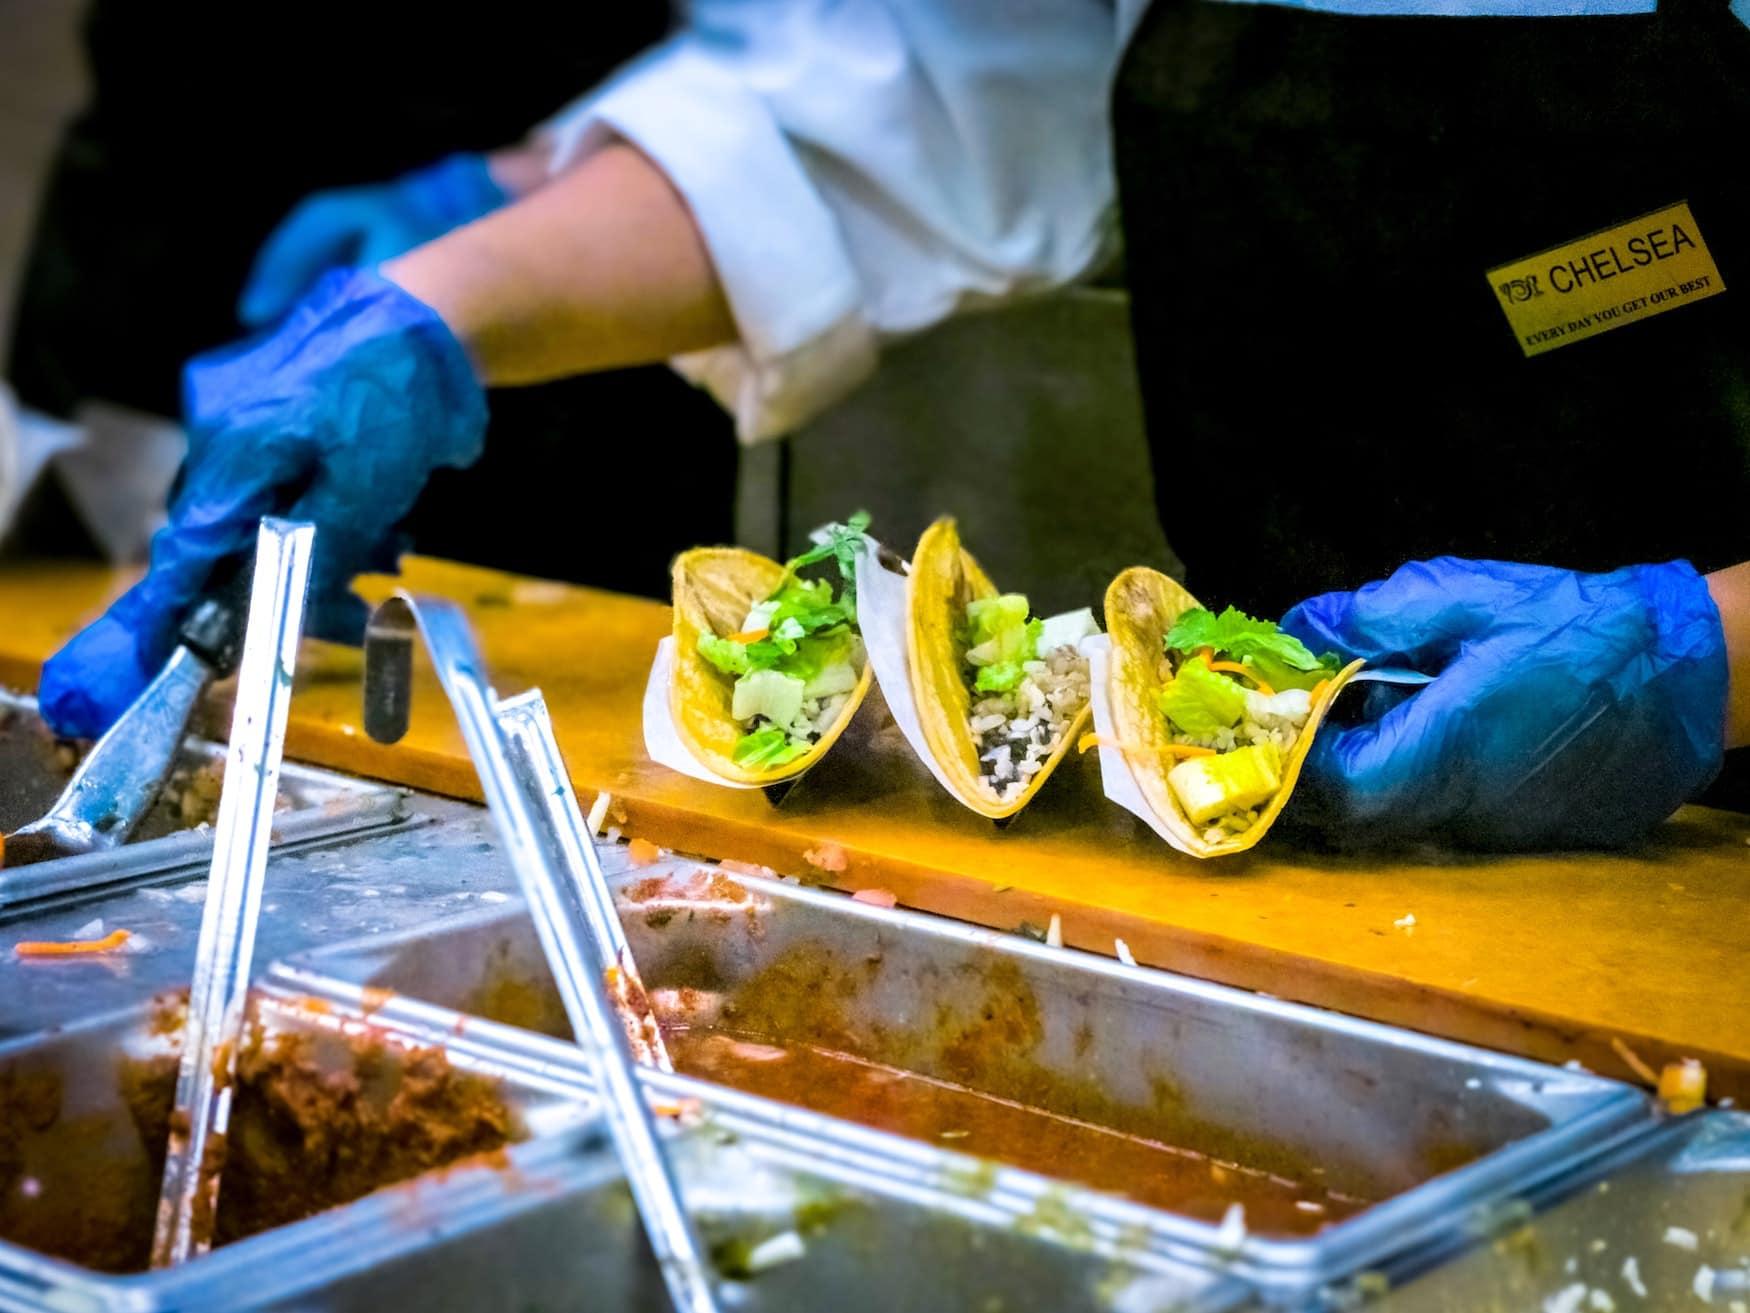 Mann verteilt Guacamole in Tacos auf einem Streed-Food-Markt in Mexiko